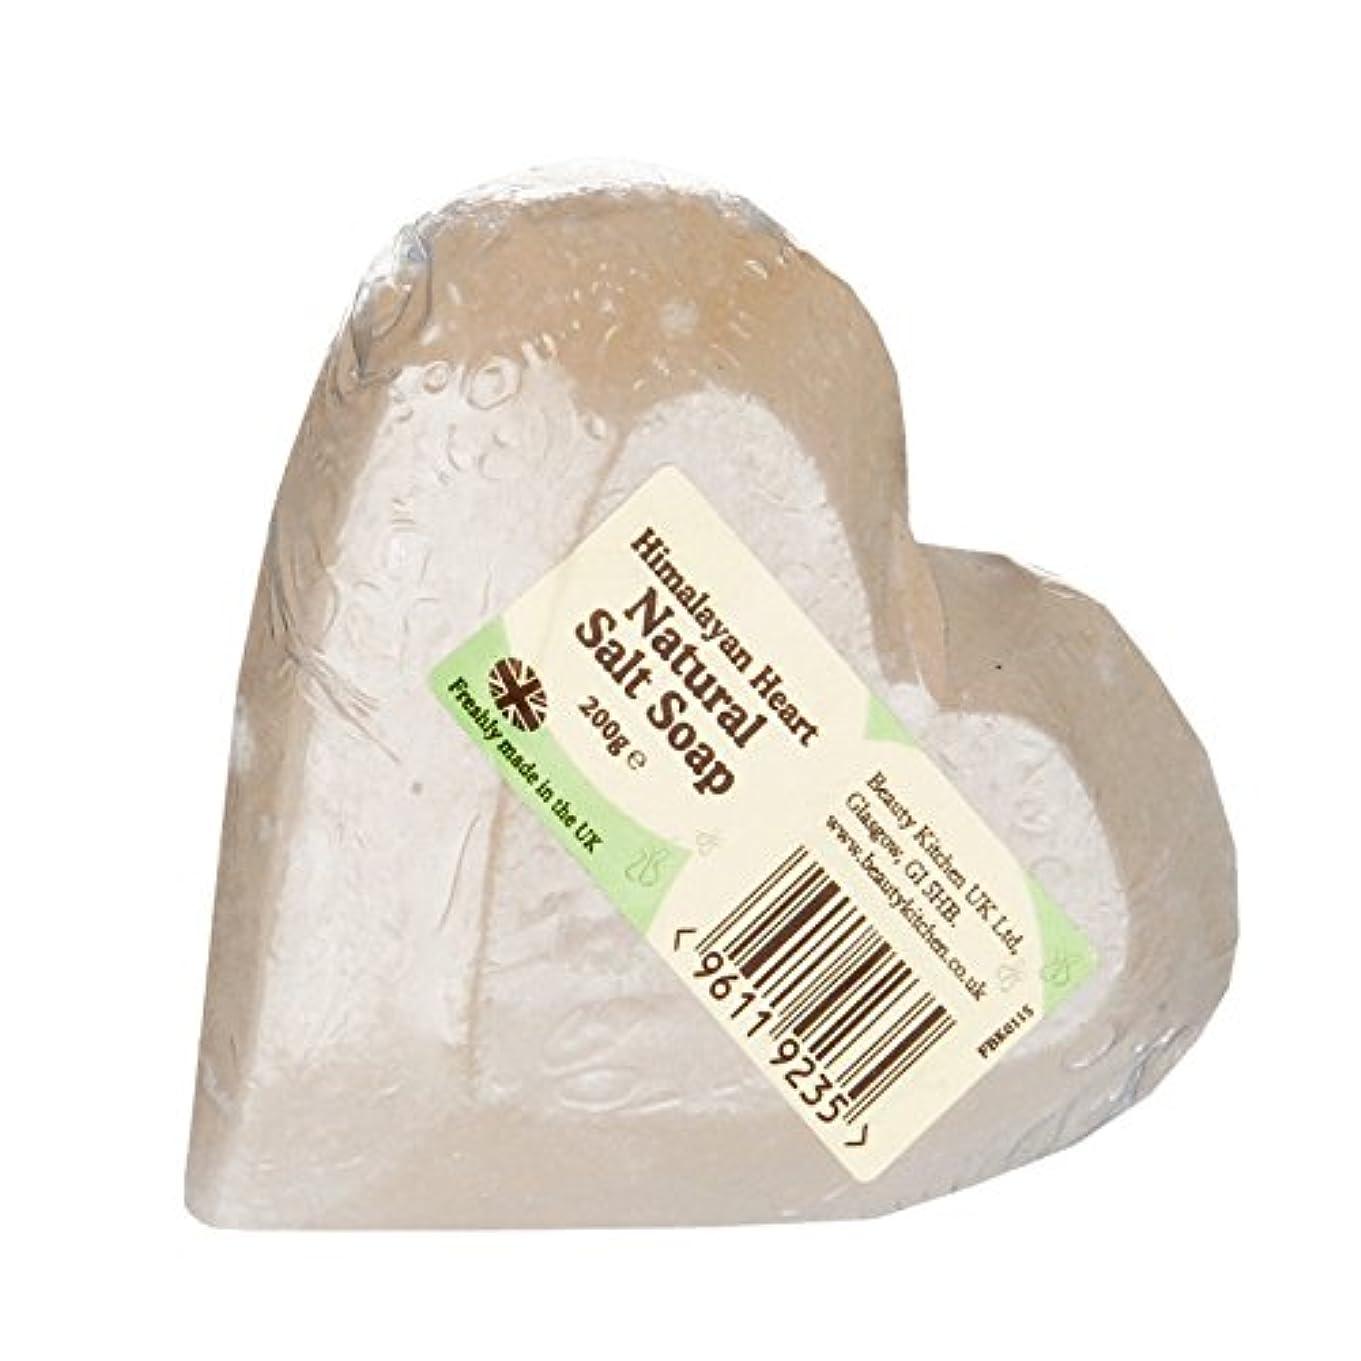 最初にチョコレートメロドラマBeauty Kitchen Himalayan Heart Soap 200g (Pack of 2) - 美容キッチンヒマラヤンハートソープ200グラム (x2) [並行輸入品]